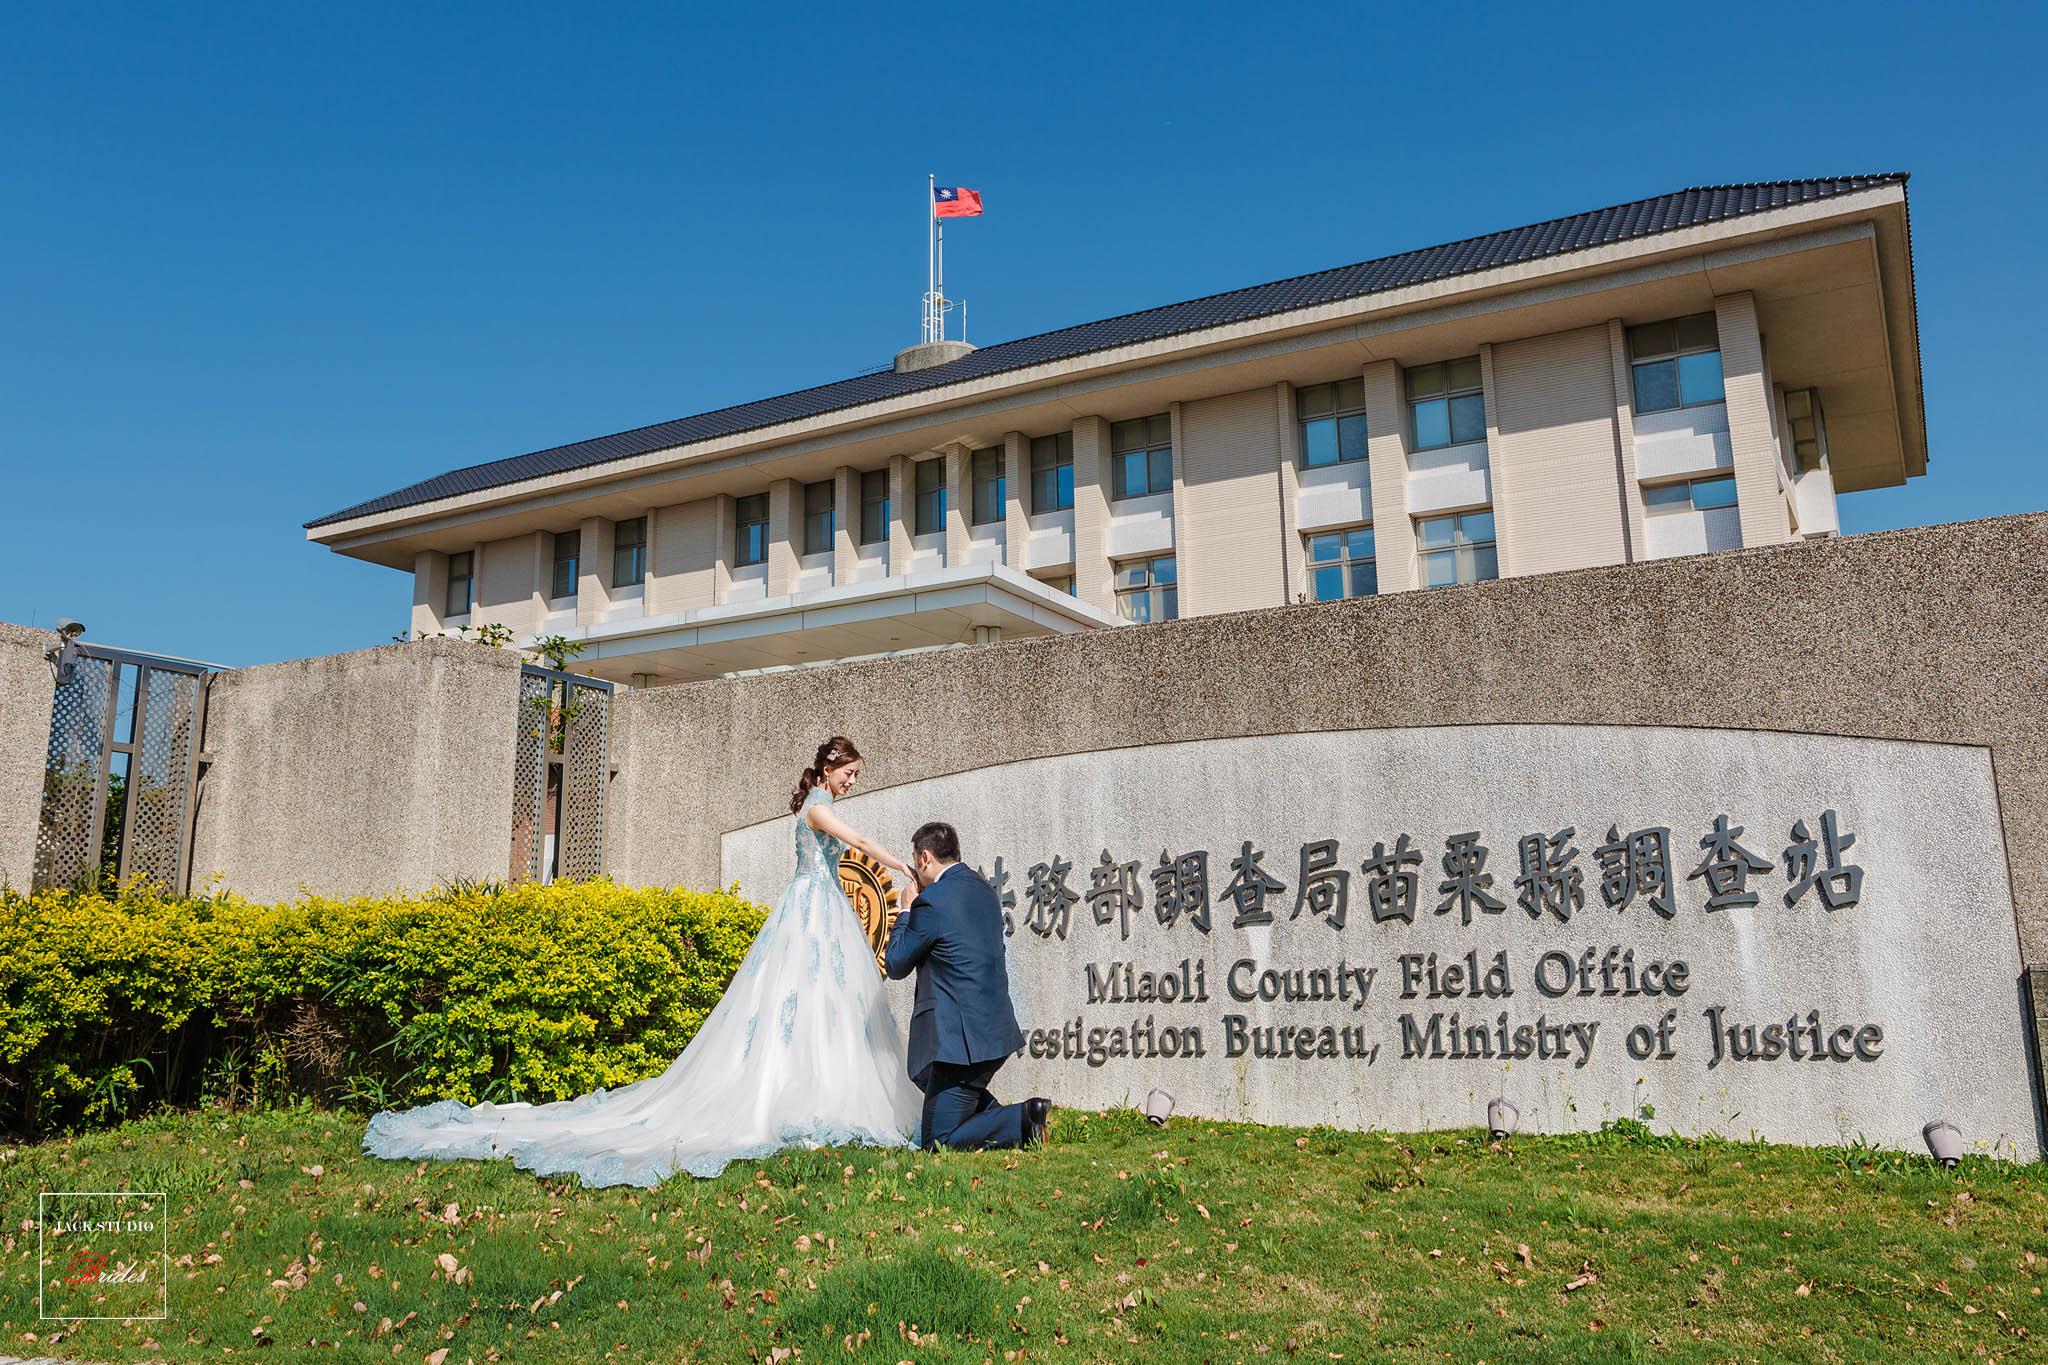 婚攝,婚禮紀錄,婚禮攝影,婚禮習俗